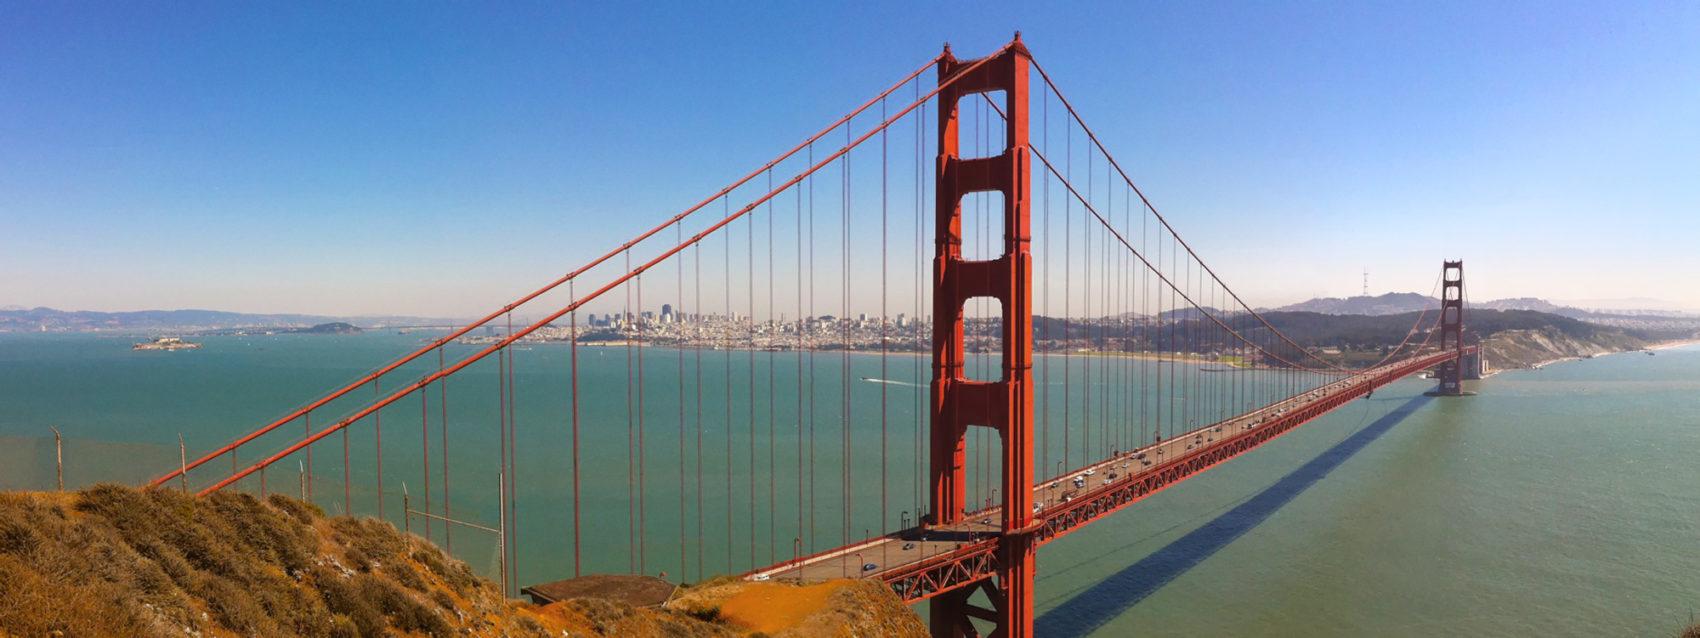 Golden Gate Bridge photo by Trace Meek